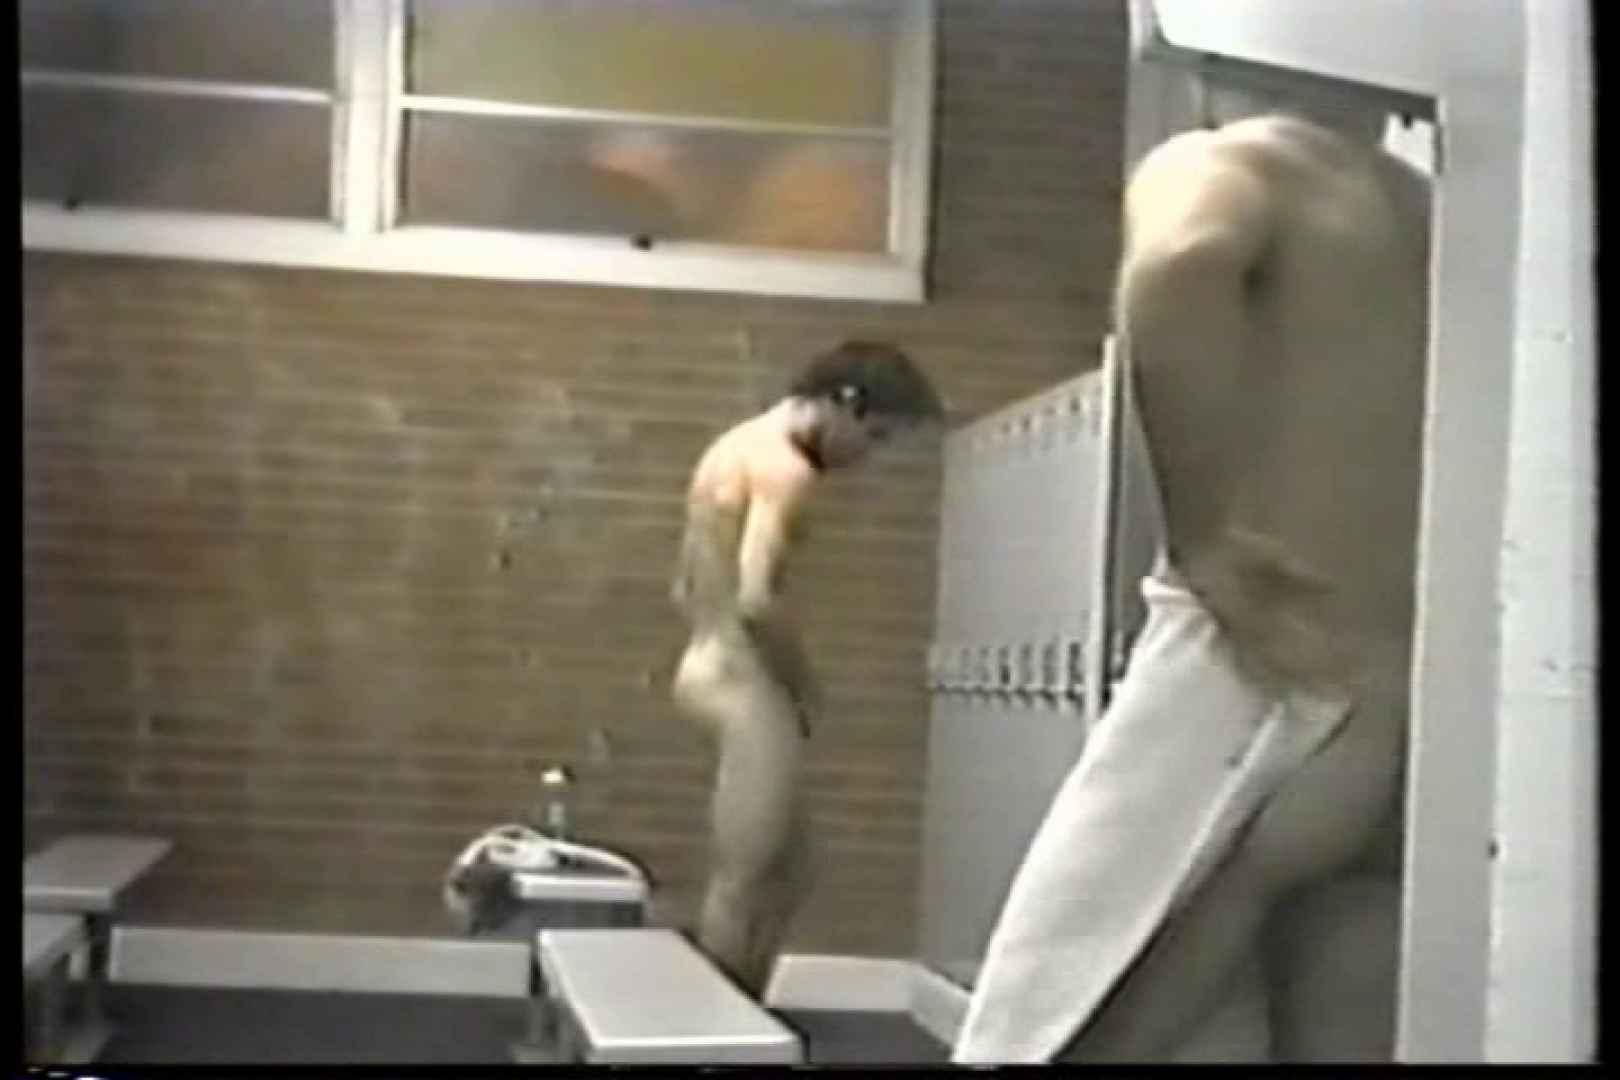 洋人さんの脱衣所を覗いてみました。VOL.5 ボーイズ覗き | ガチムチマッチョ系  80pic 3